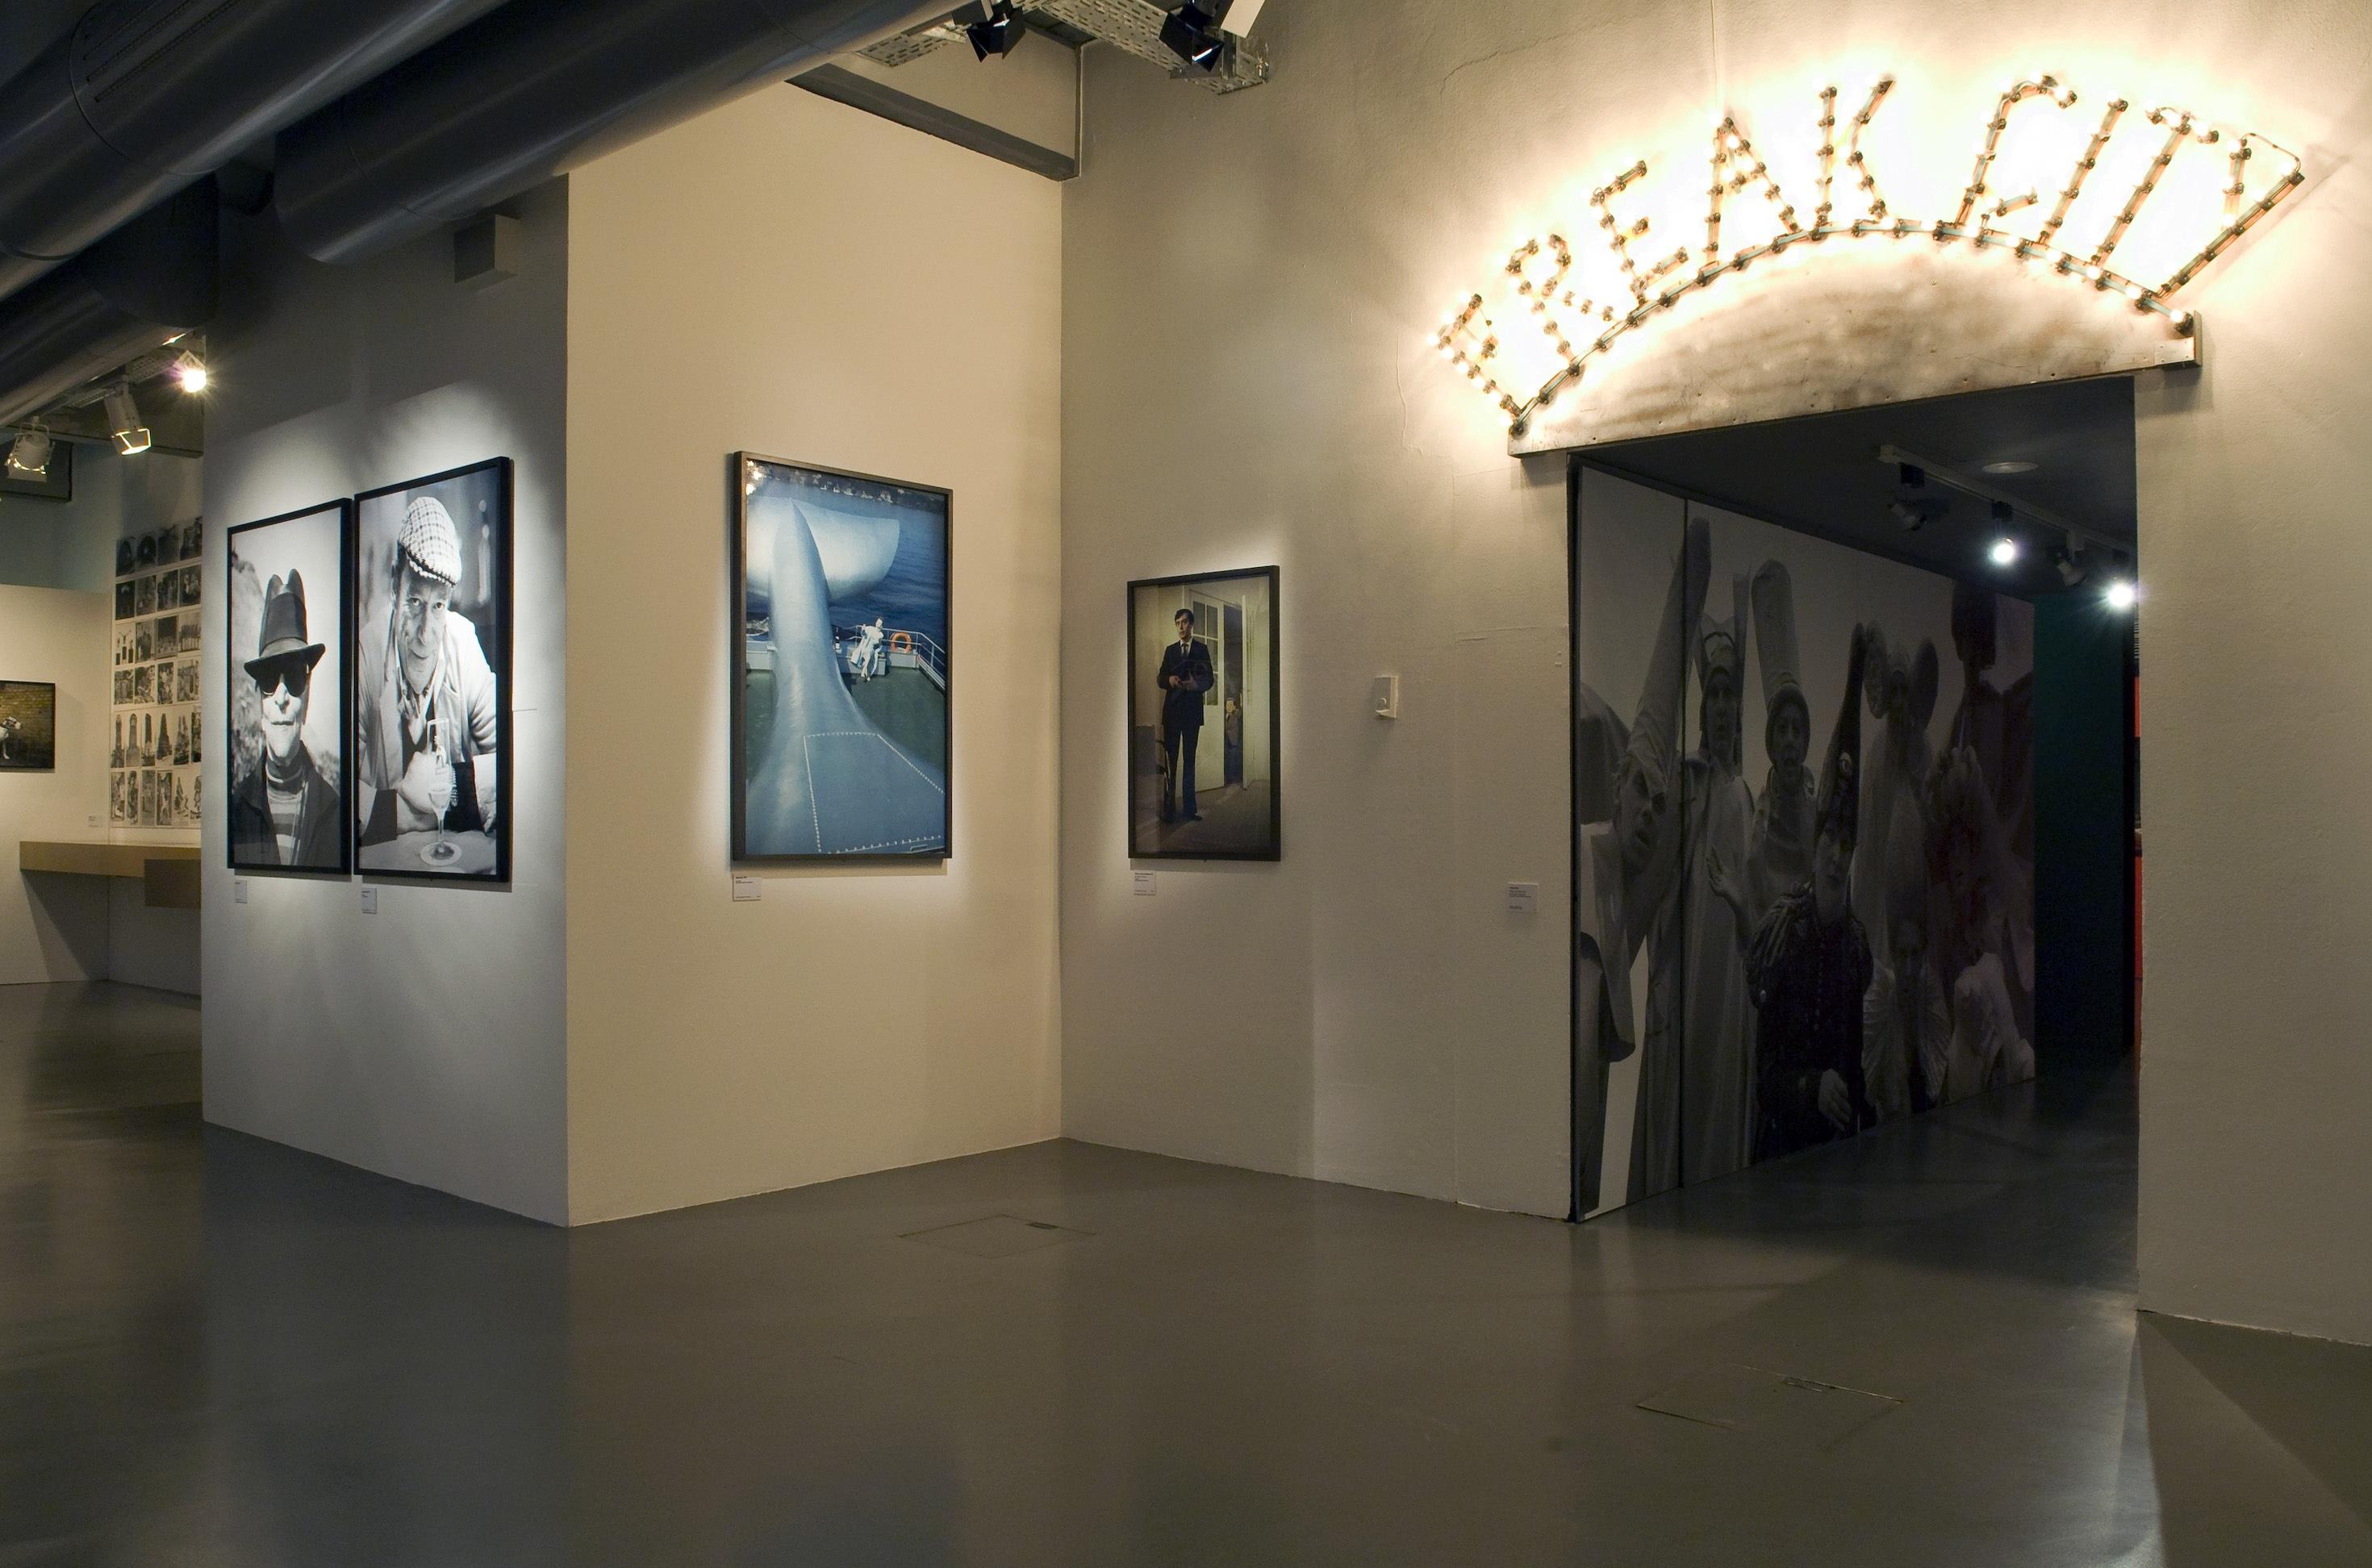 """Raumansicht der Ausstellung """"Ulrike Ottinger – Ausstellung und Retrospektive """", Deutsche Kinemathek, Berlin"""